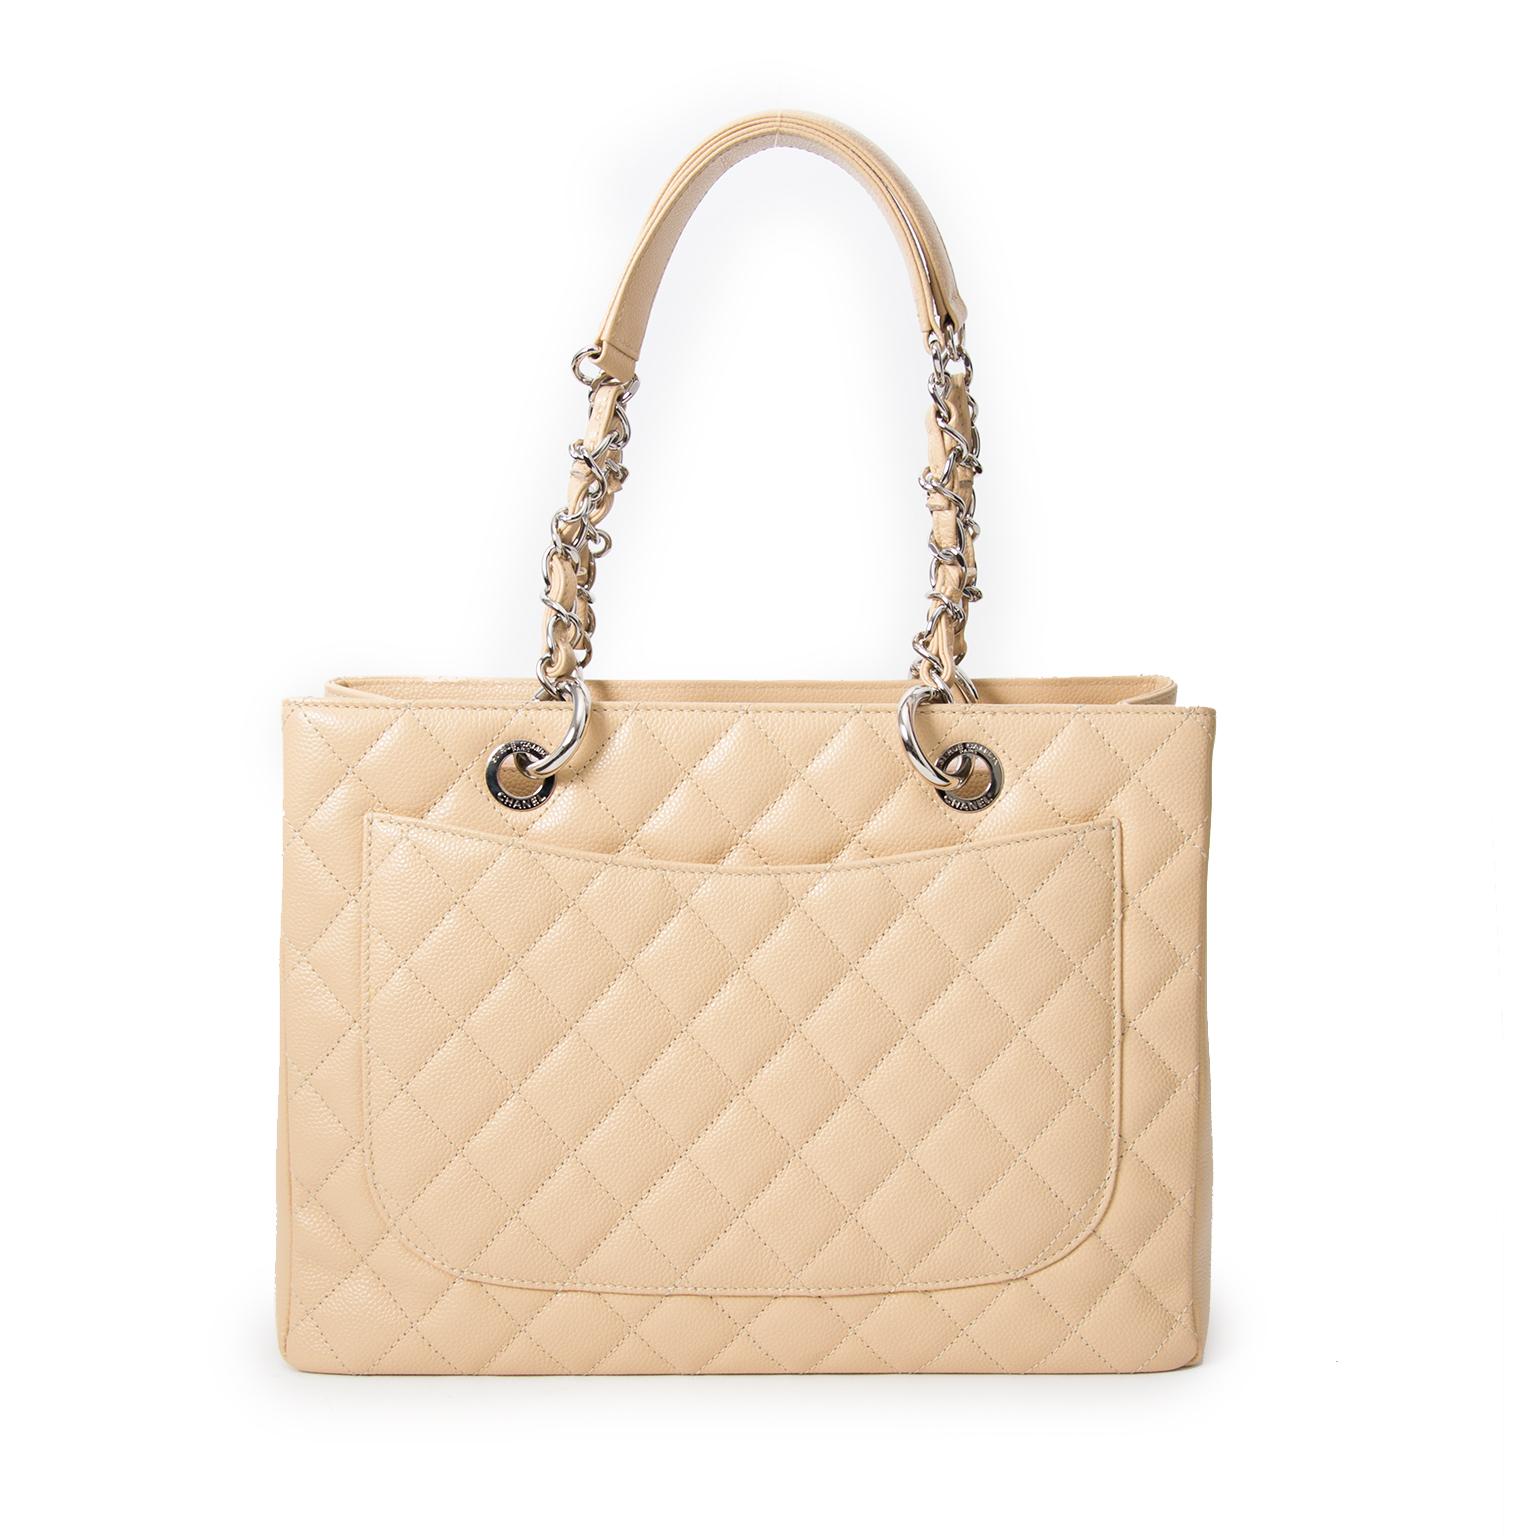 koop veilig online aan de beste prijs As New Poudre Chanel Grand Shopping Tote